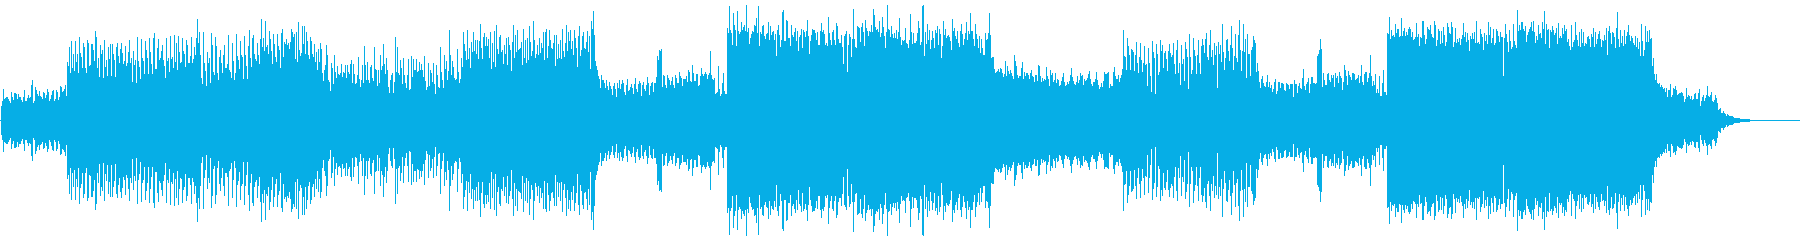 NCS風 突き抜ける疾走感のEDMの再生済みの波形